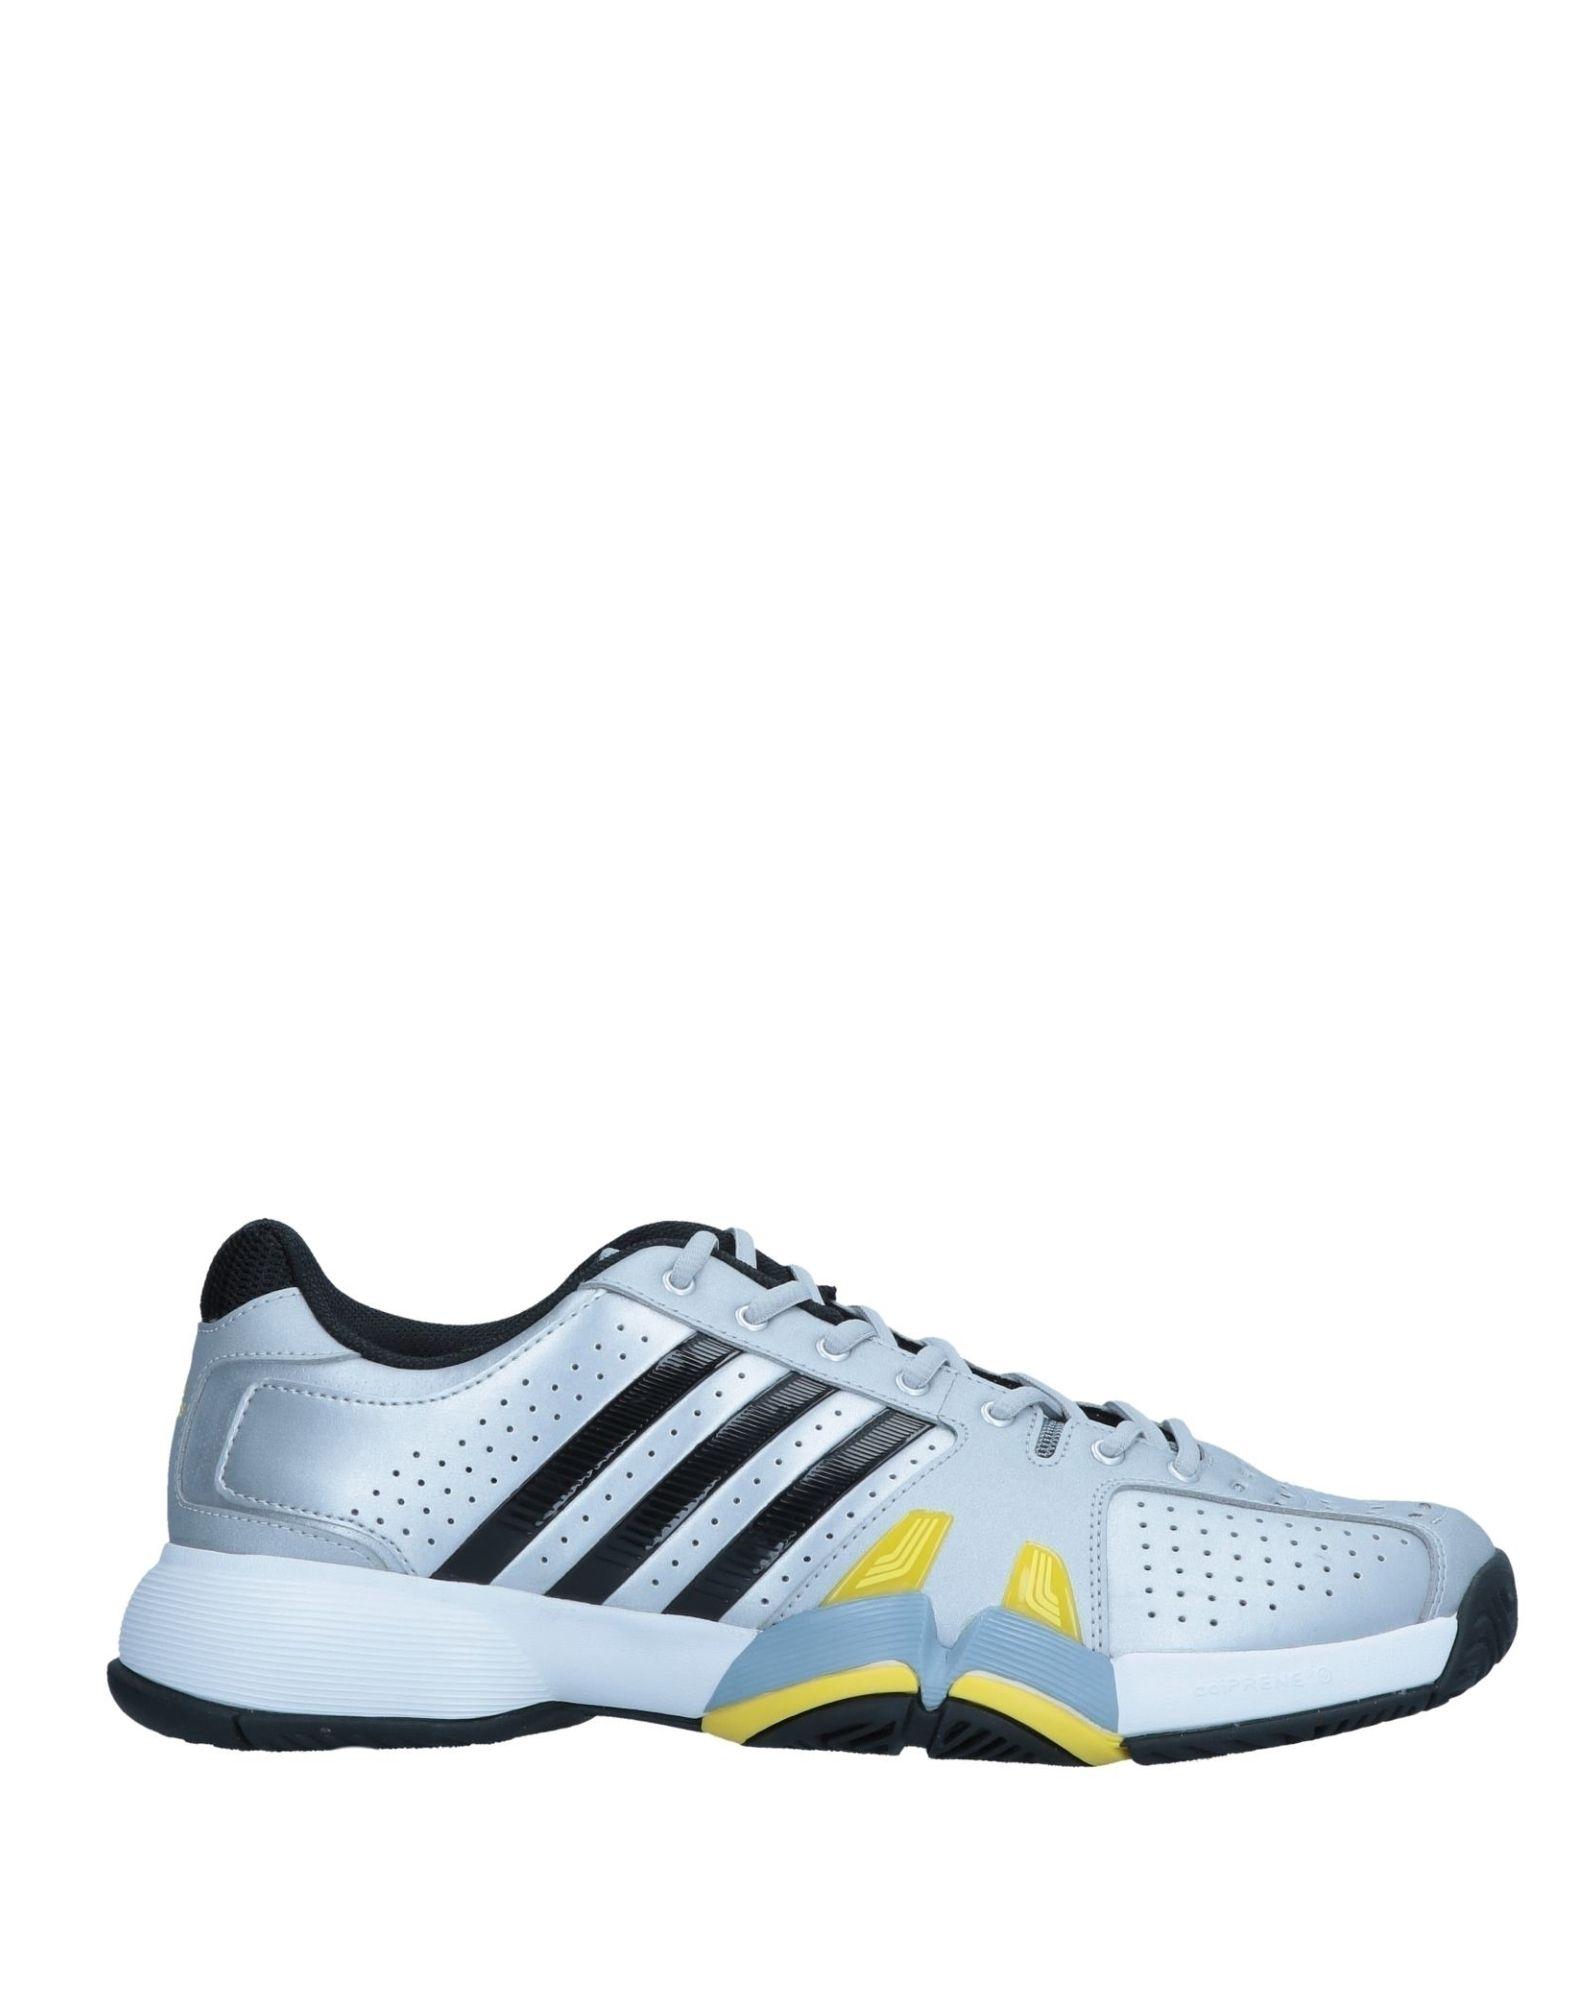 Rabatt echte Schuhe Adidas Sneakers Herren  11547302VV